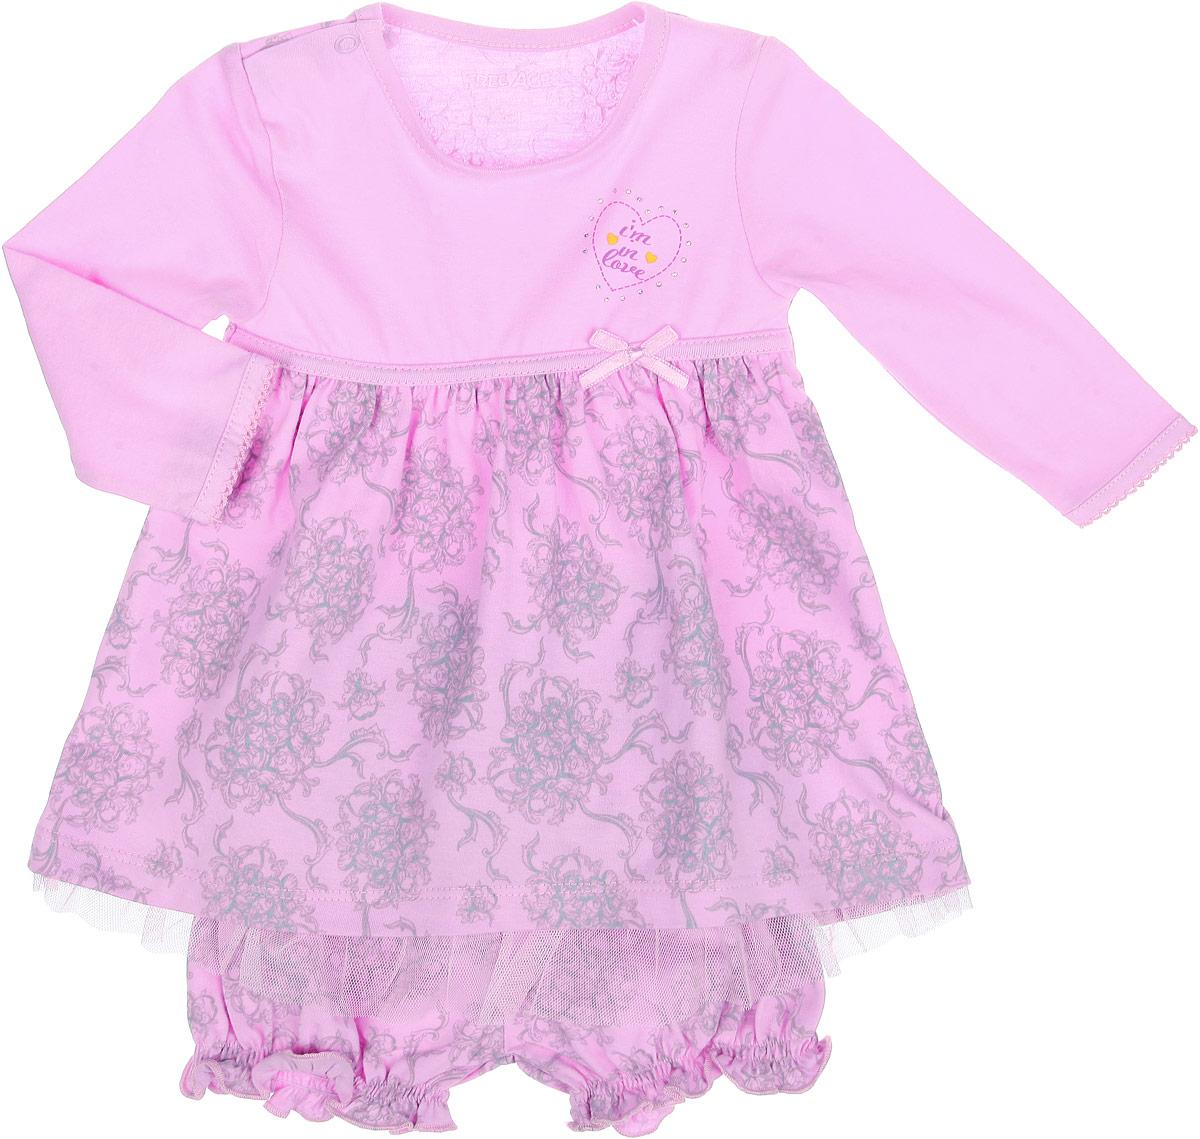 Комплект для девочки: платье, шортики. ZBG 25320-PZBG 25320-PКрасивый комплект для девочки Free Age, состоящий из платья и шортиков, станет отличным дополнением к детскому гардеробу. Комплект выполнен из натурального хлопка, он мягкий и приятный на ощупь, не сковывает движения и позволяет коже дышать, не раздражает даже самую нежную и чувствительную кожу, обеспечивая наибольший комфорт. Платье с длинными рукавами и круглым вырезом горловины имеет застежку-кнопку по плечевому шву, что позволяет с легкостью переодеть малышку. От слегка завышенной линии талии заложены небольшие складочки, придающие изделию объем. Оформлено платье нежным цветочным орнаментом, а также рисунком с изображением сердечка. Изделие украшено атласным бантиком и мелкими стразами. Низ модели дополнен оборкой из микросетки. Шортики на поясе имеют мягкую резинку, благодаря чему они не сдавливают животик ребенка и не сползают. Снизу модель присборена на тонкие эластичные резинки. Оформлены шорты нежным цветочным орнаментом и атласным бантиком на поясе. Такой...